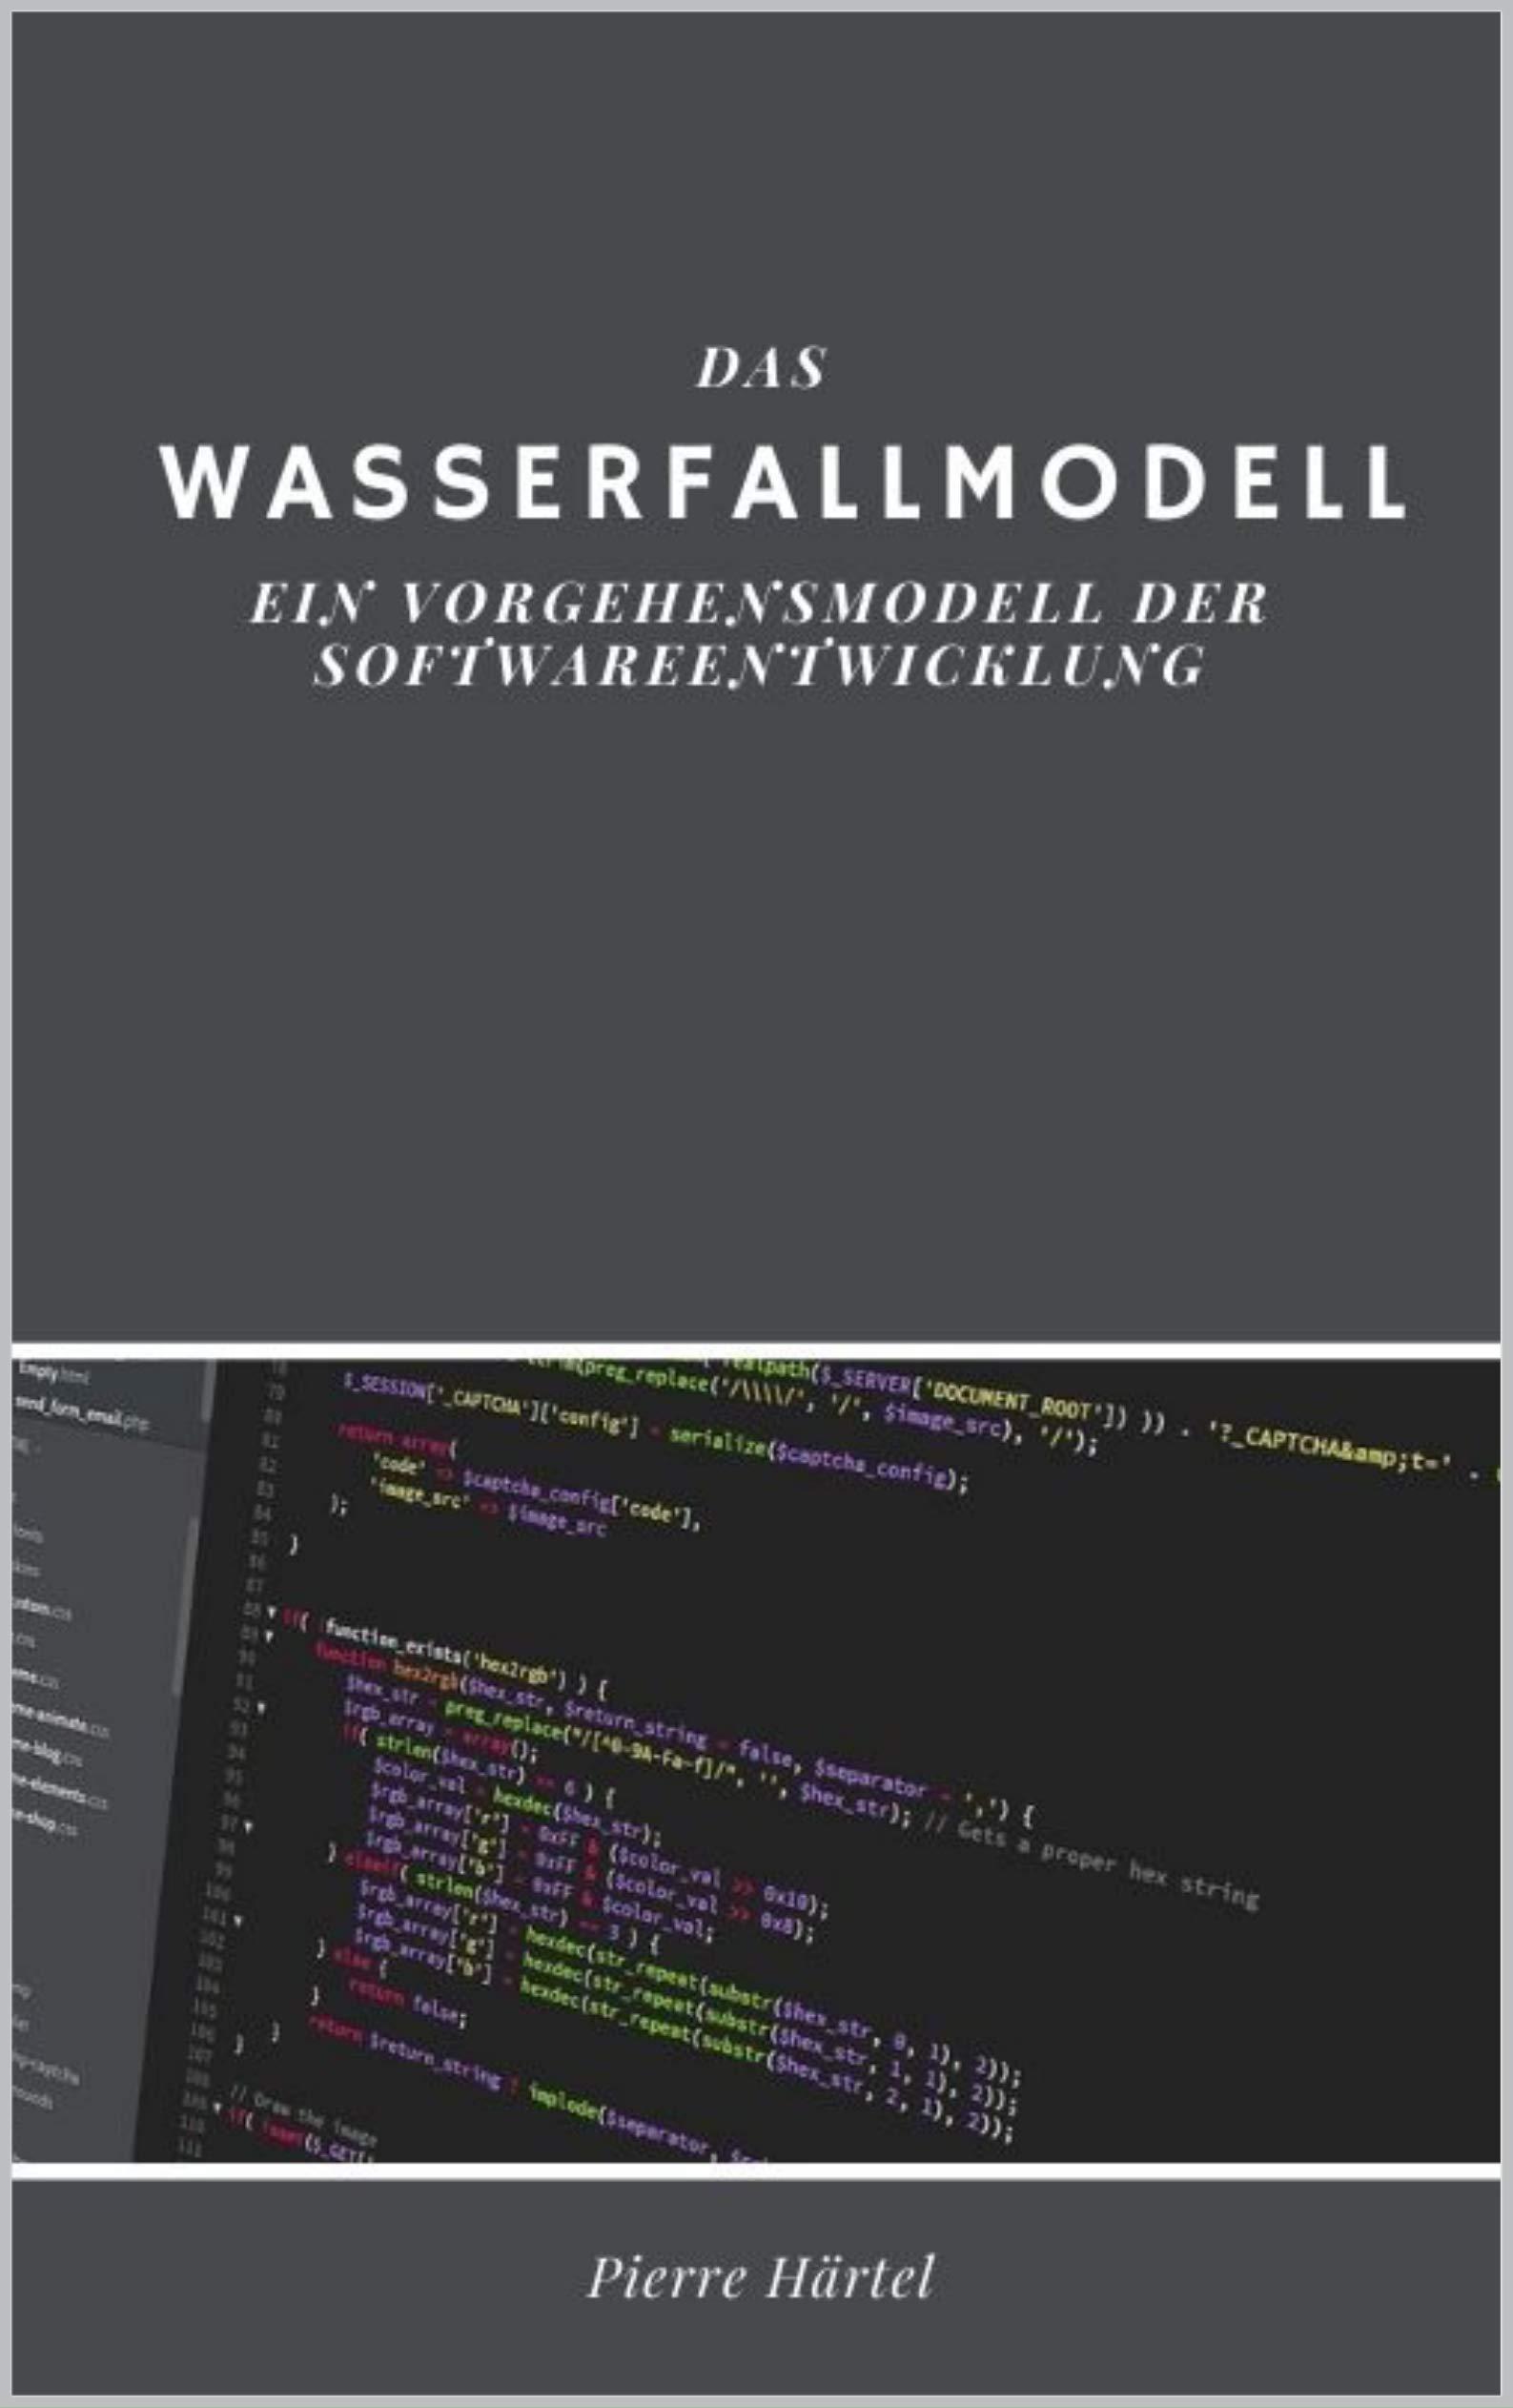 Das Wasserfallmodell: Ein Vorgehensmodell der Softwareentwicklung (German Edition)